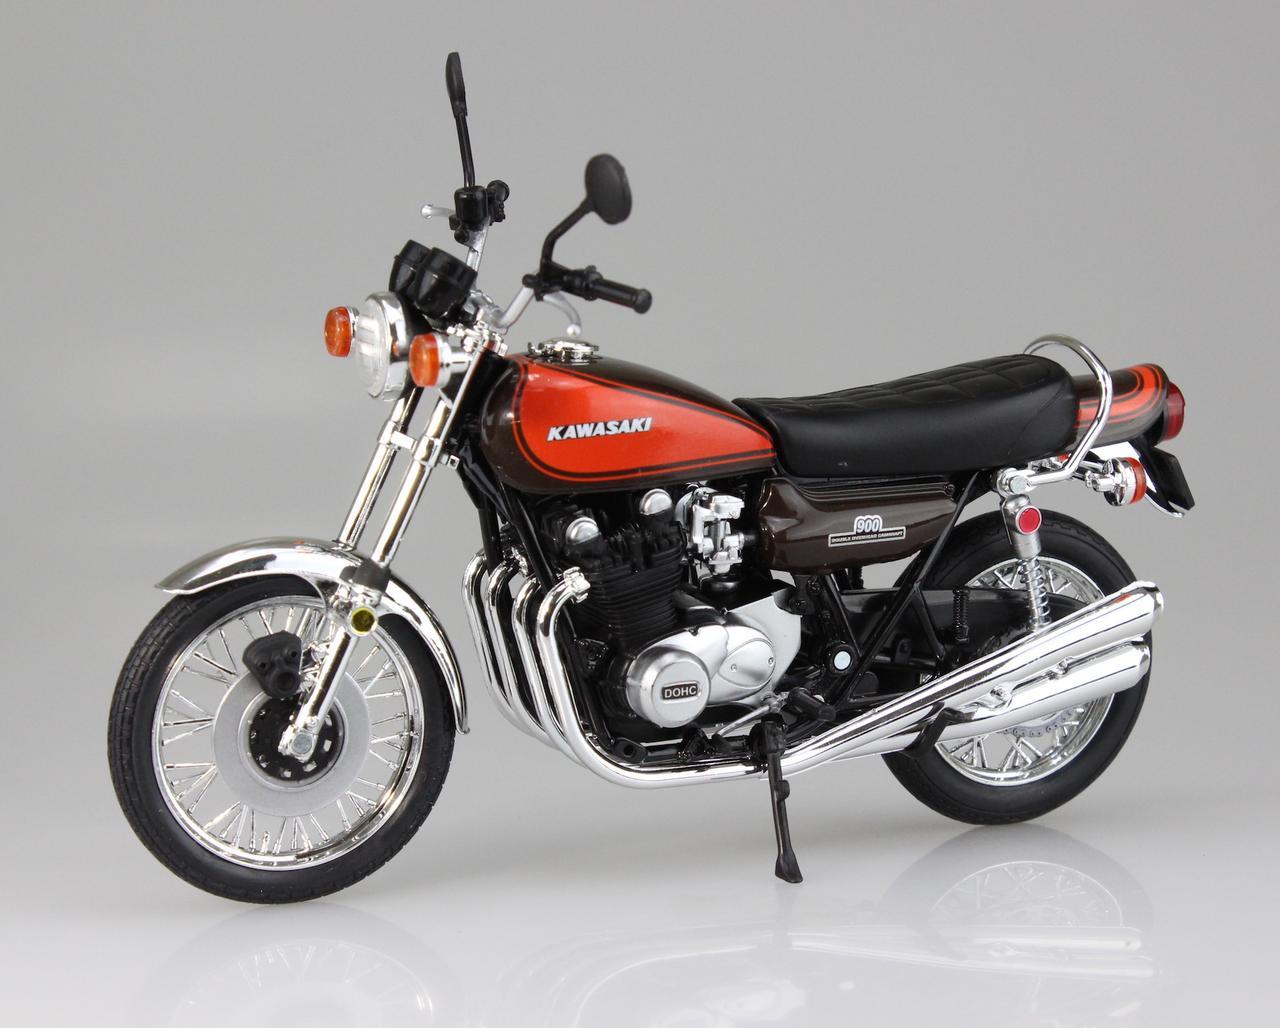 画像2: 1/12 完成品バイク Kawasaki 900Super4(Z1)ファイヤーボール ■本体価格:2000円